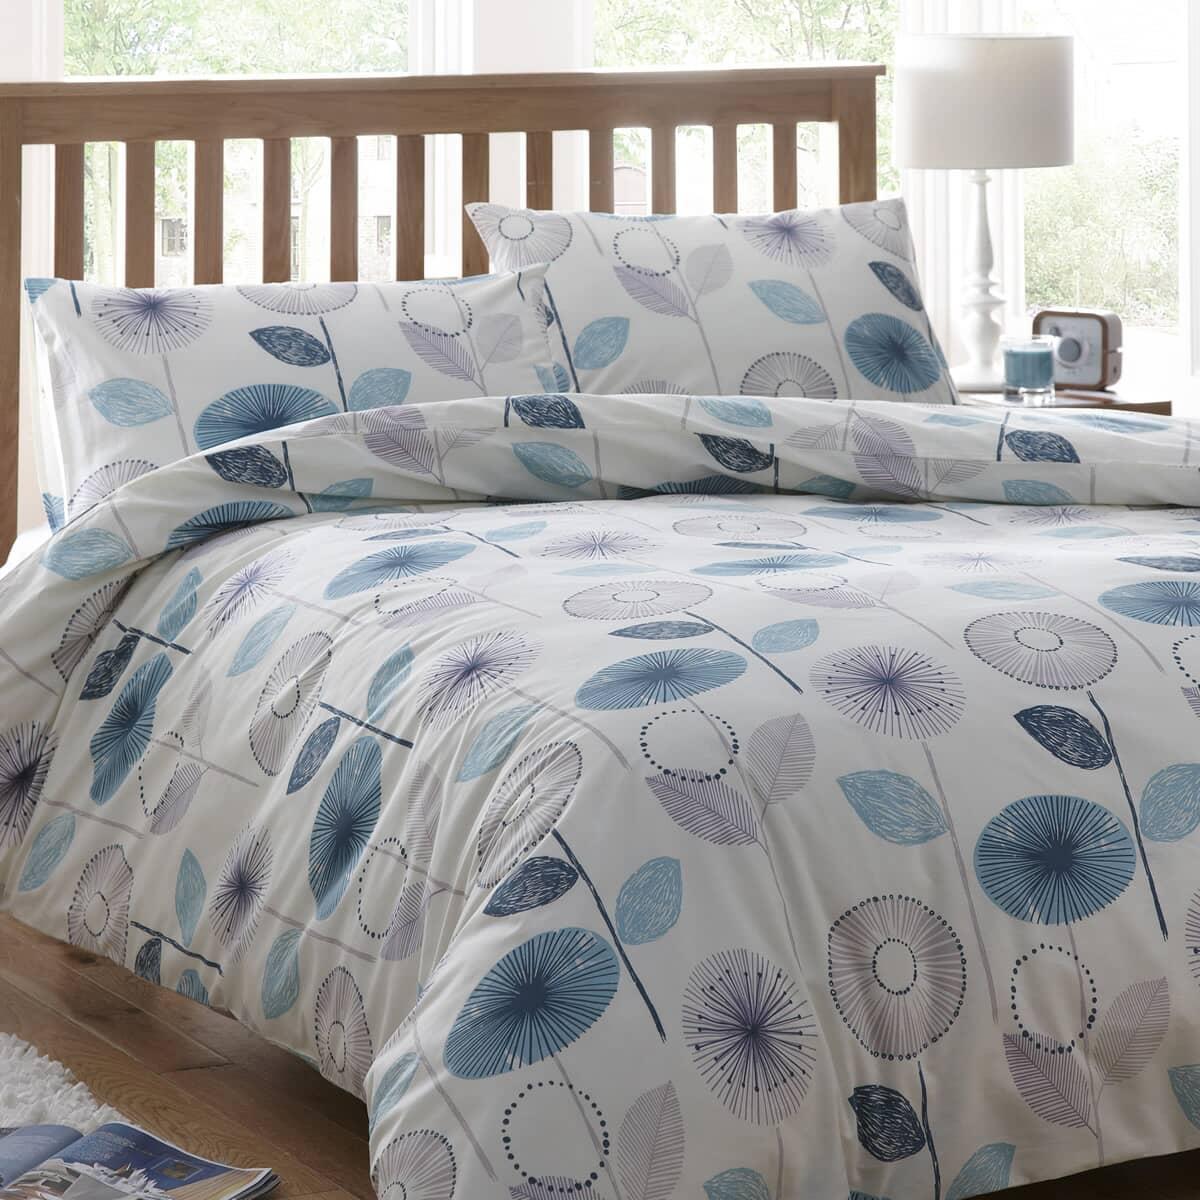 Linen house isabella blue justlinen for Isabella house